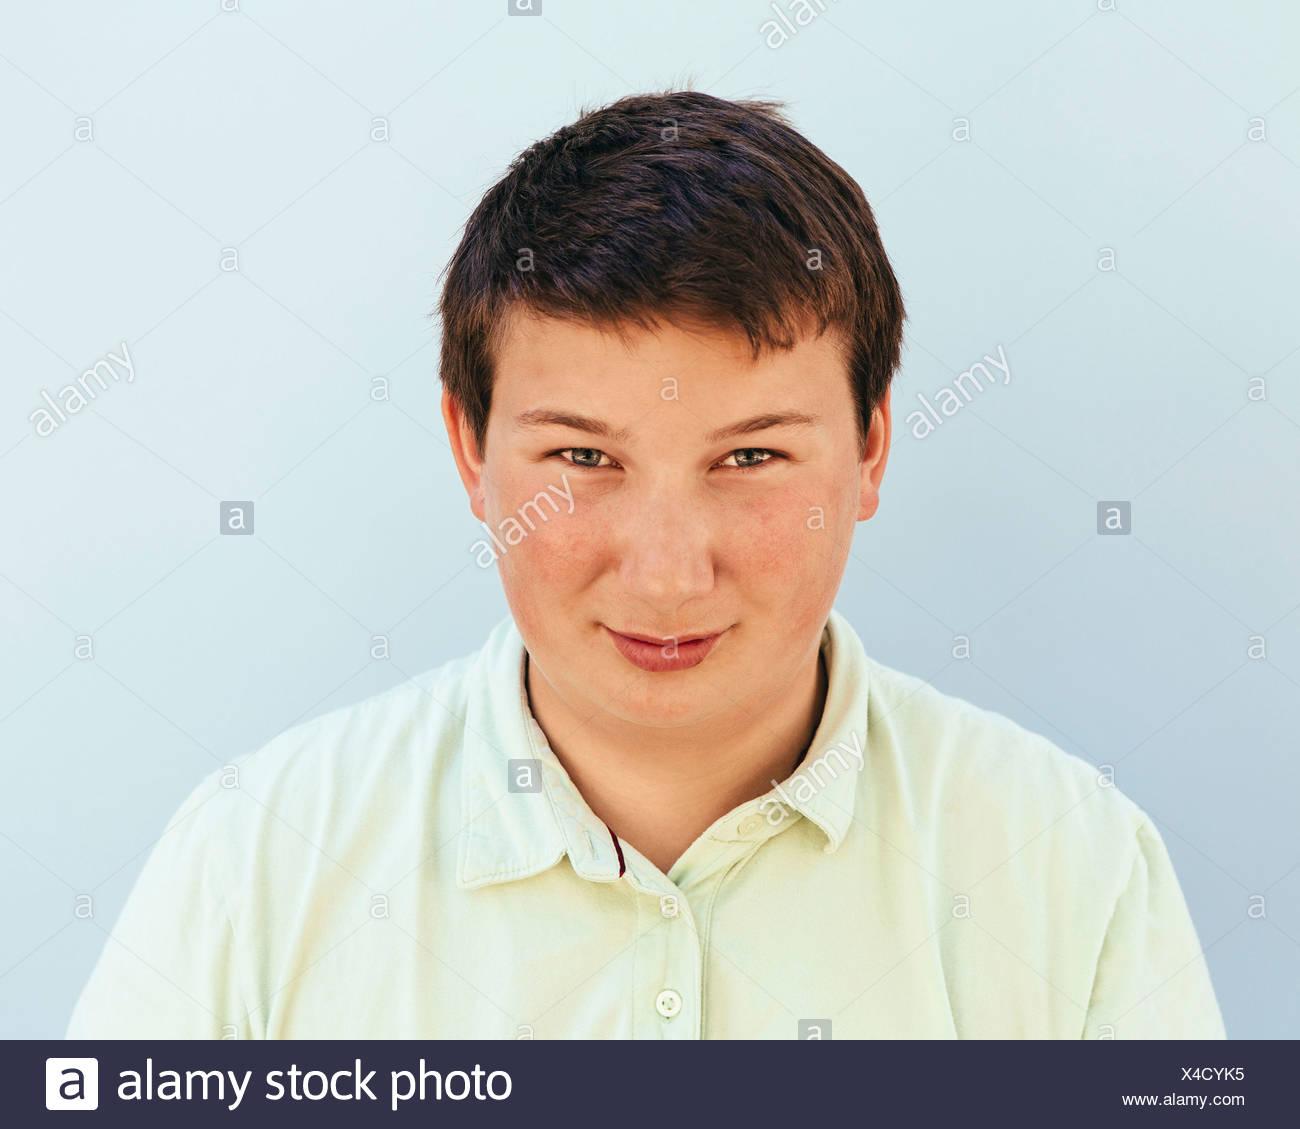 Retrato de um adolescente com curto cabelo preto. Imagens de Stock